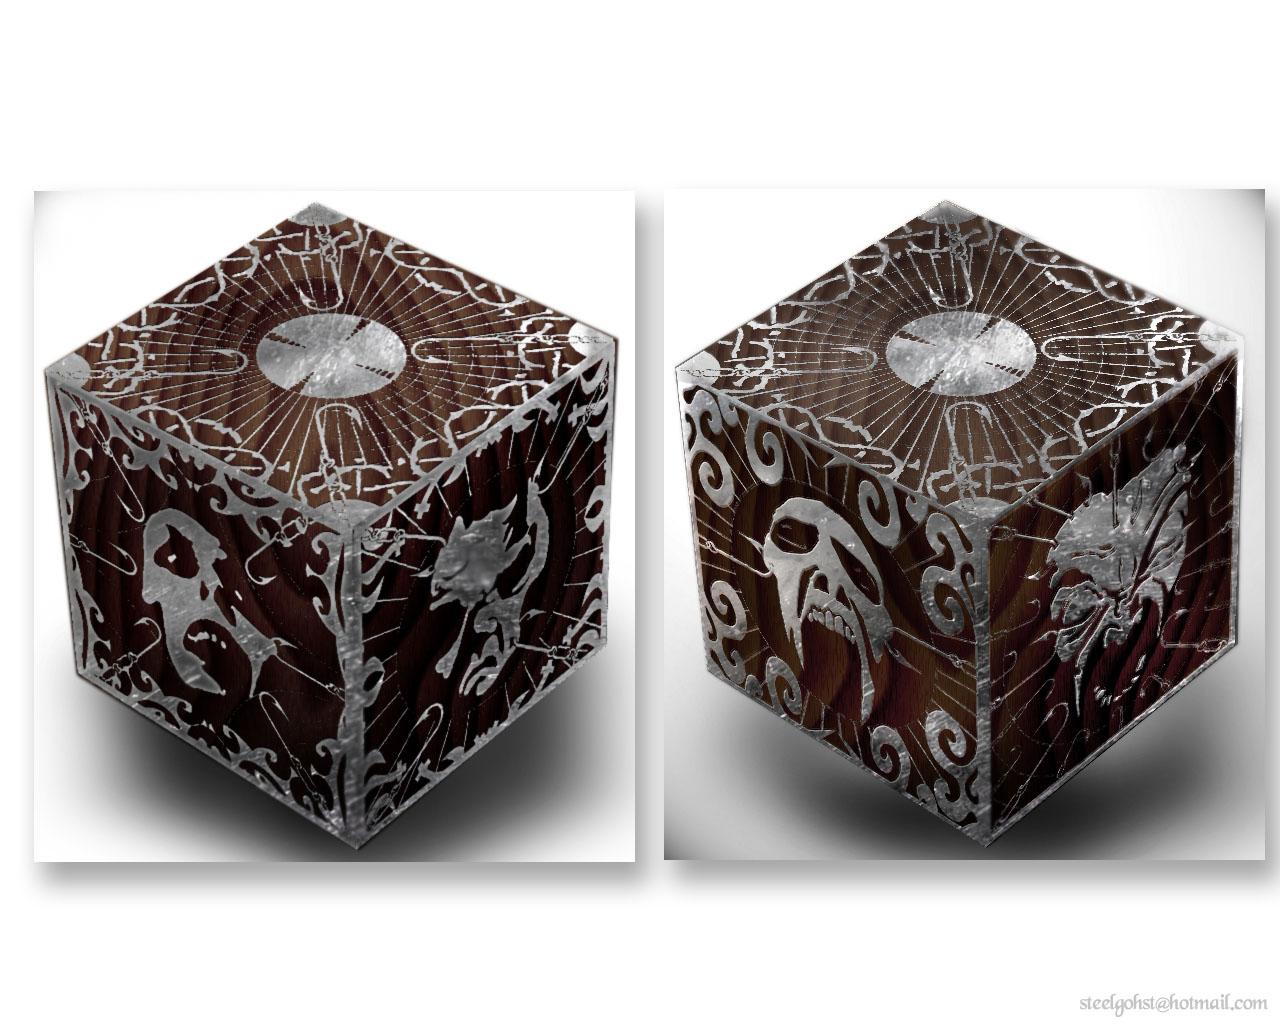 the Box of Pleasures